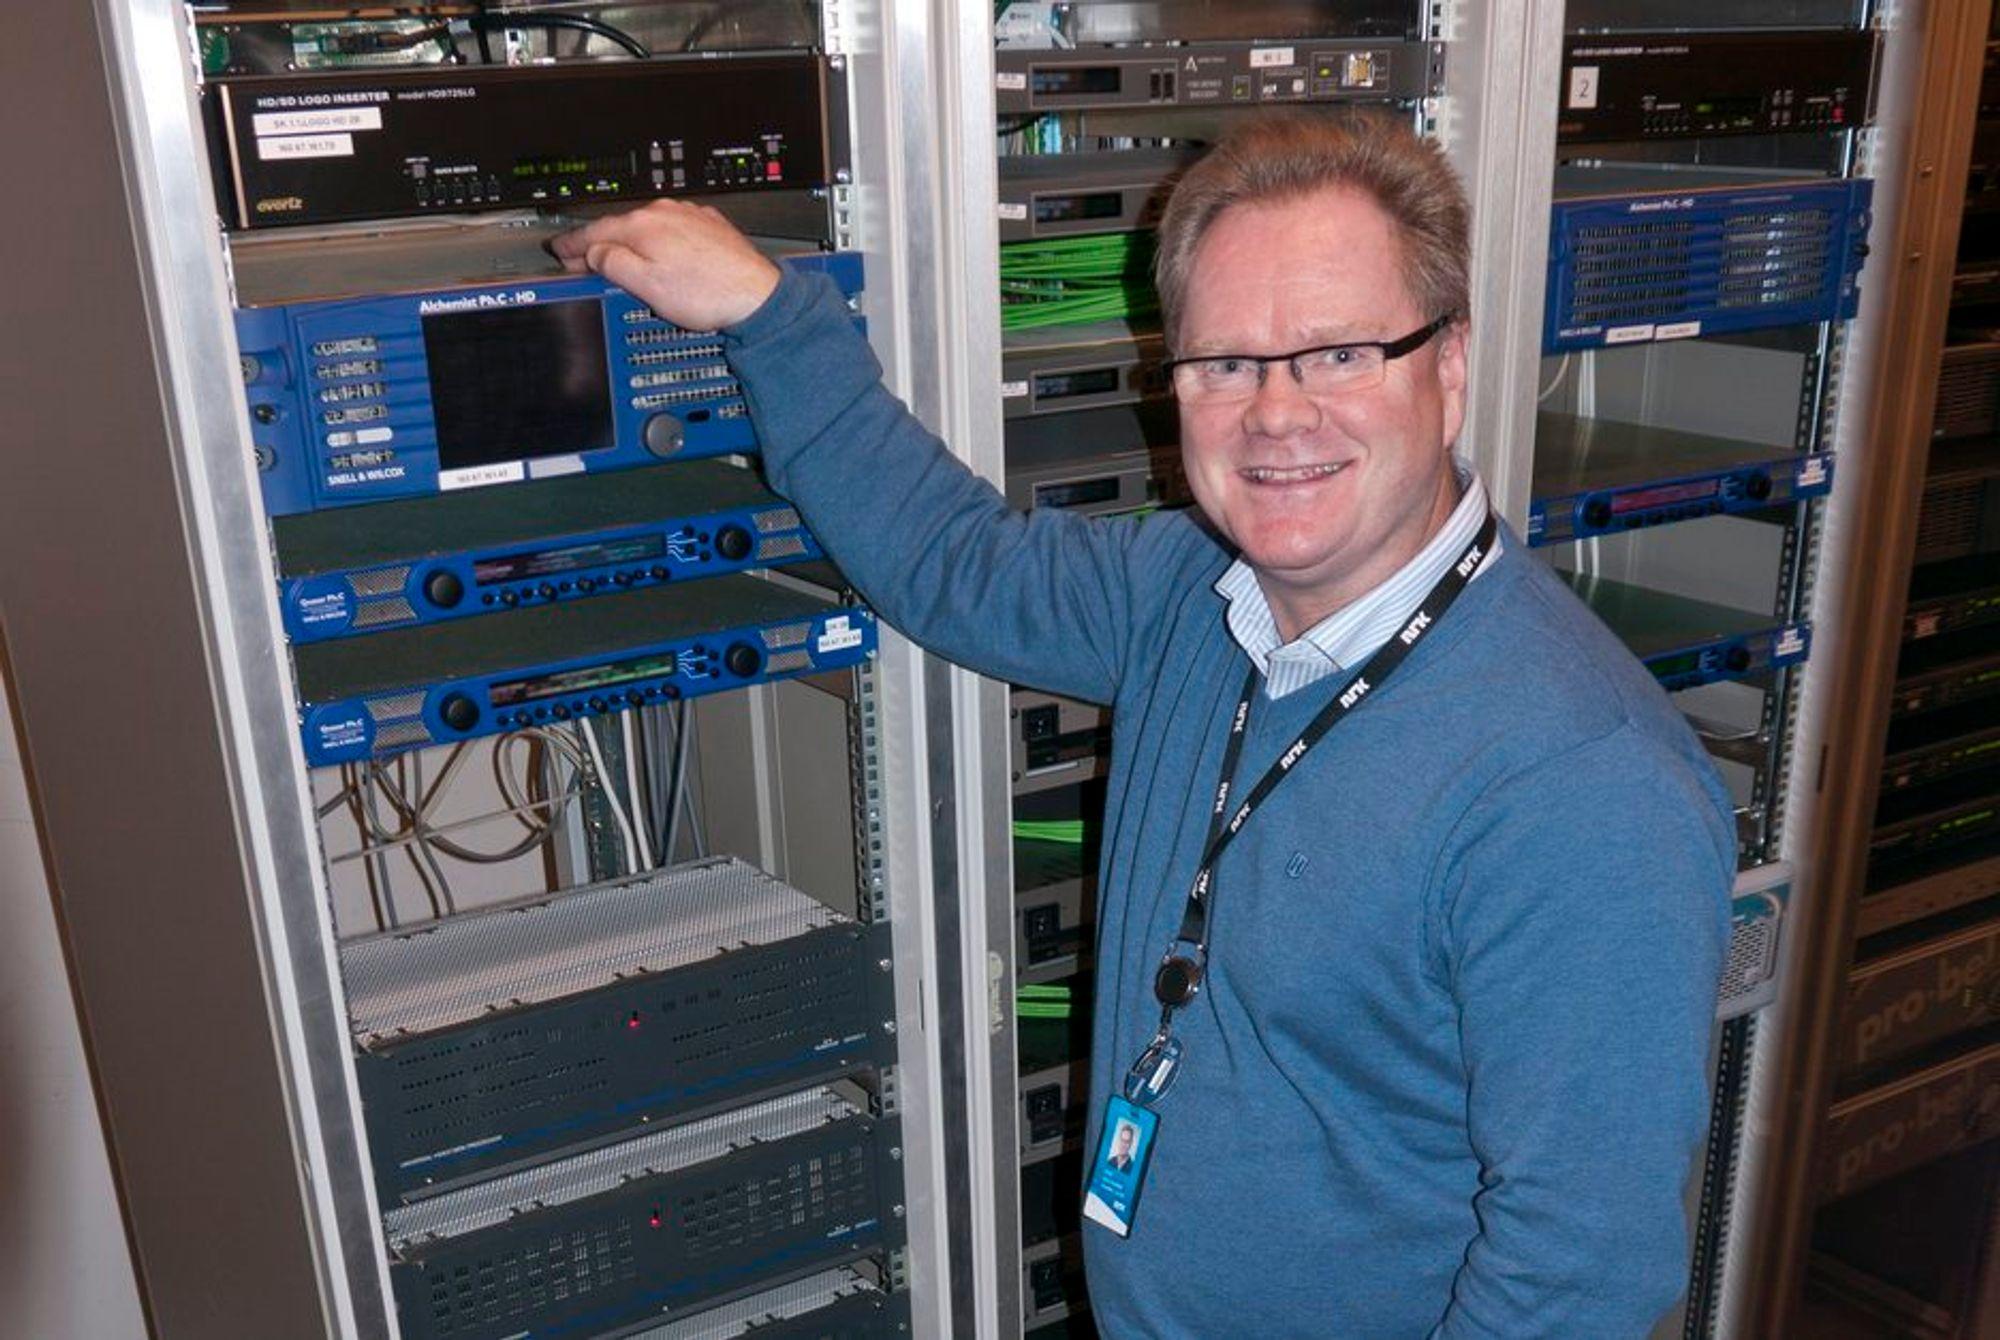 UTFORDRING: Teknologidirektør Nils Bjarne Foss hos NRK har hatt en utfordring med å få plass til tre HD-kanaler og alle radiokanalene i bakkenettet.